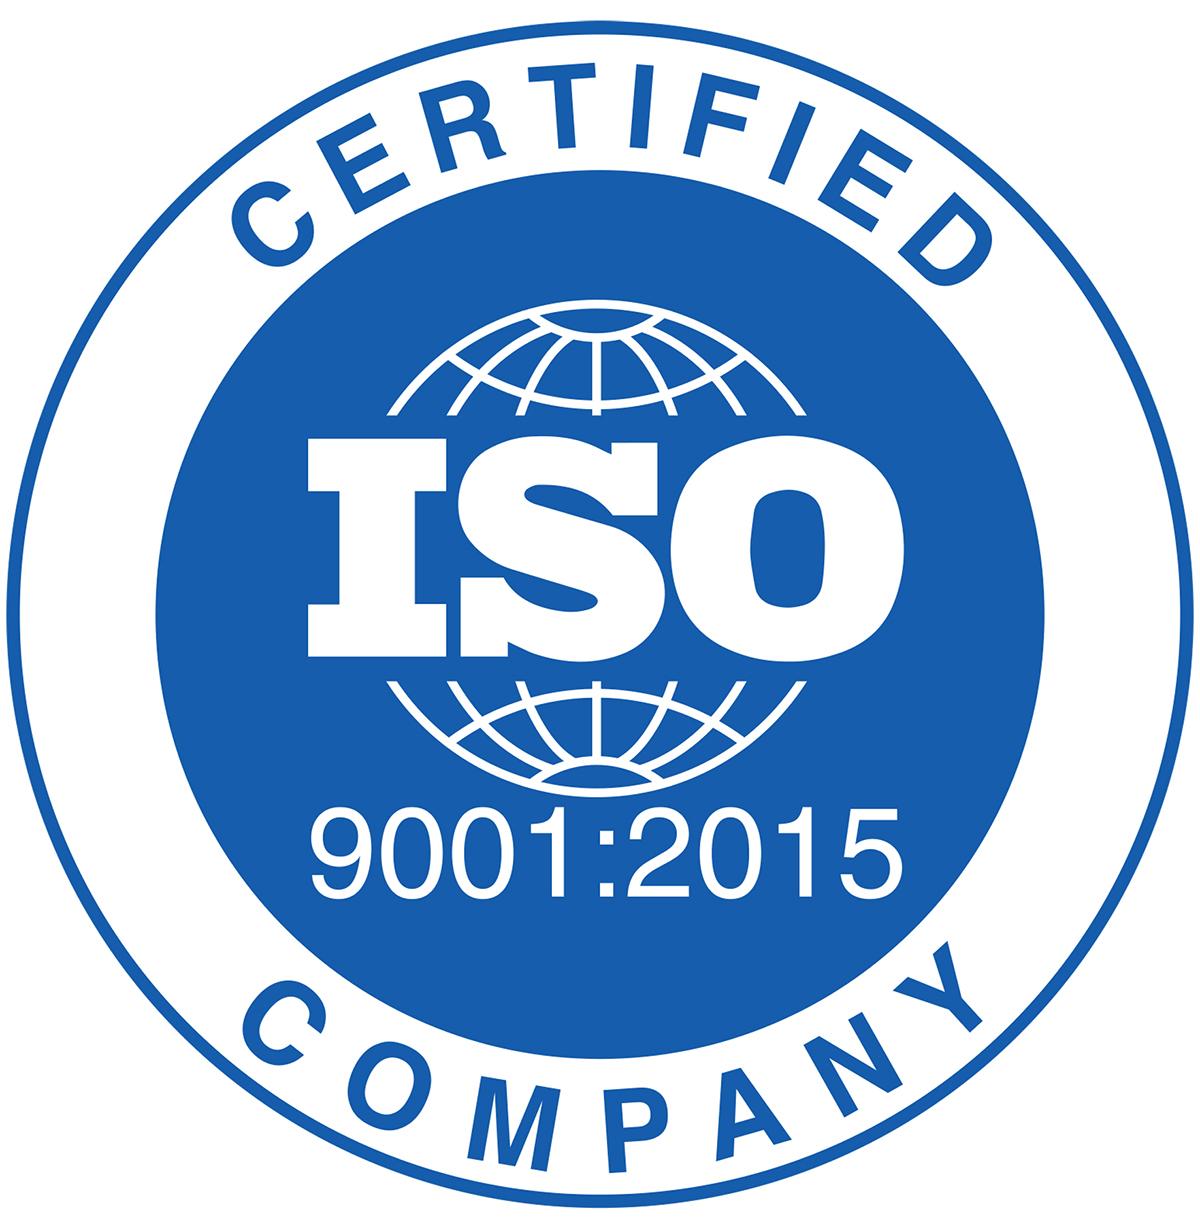 Enkador busca elevar su calidad con la certificación ISO 9001 - 2015